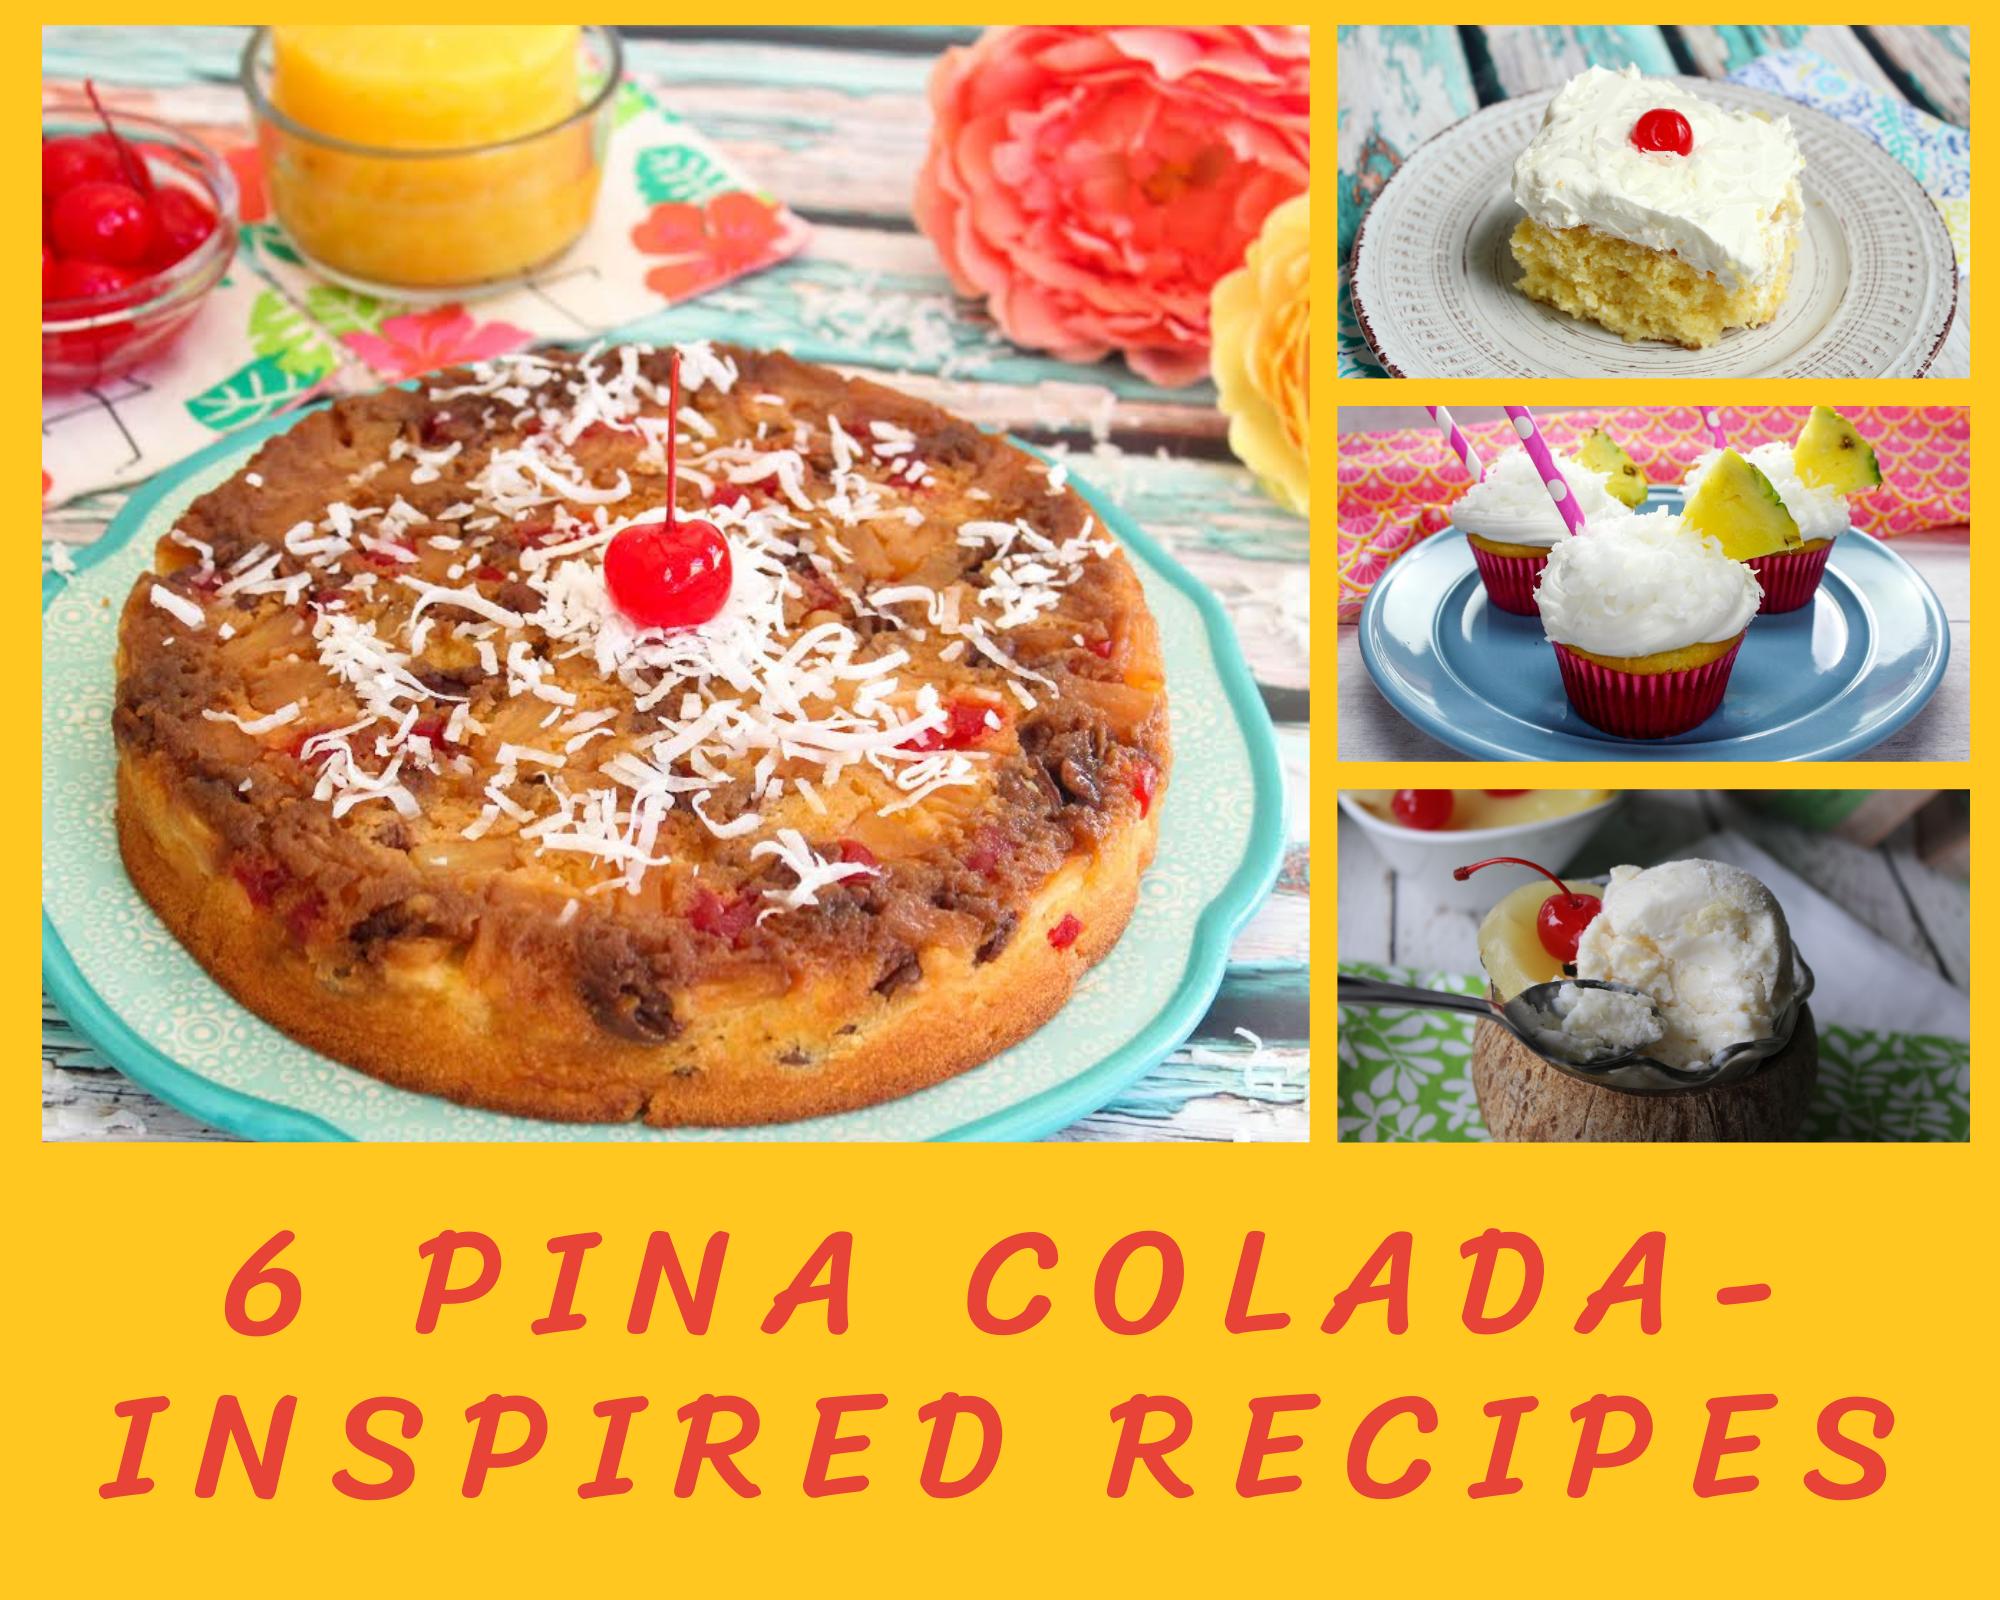 Pina colada recipes